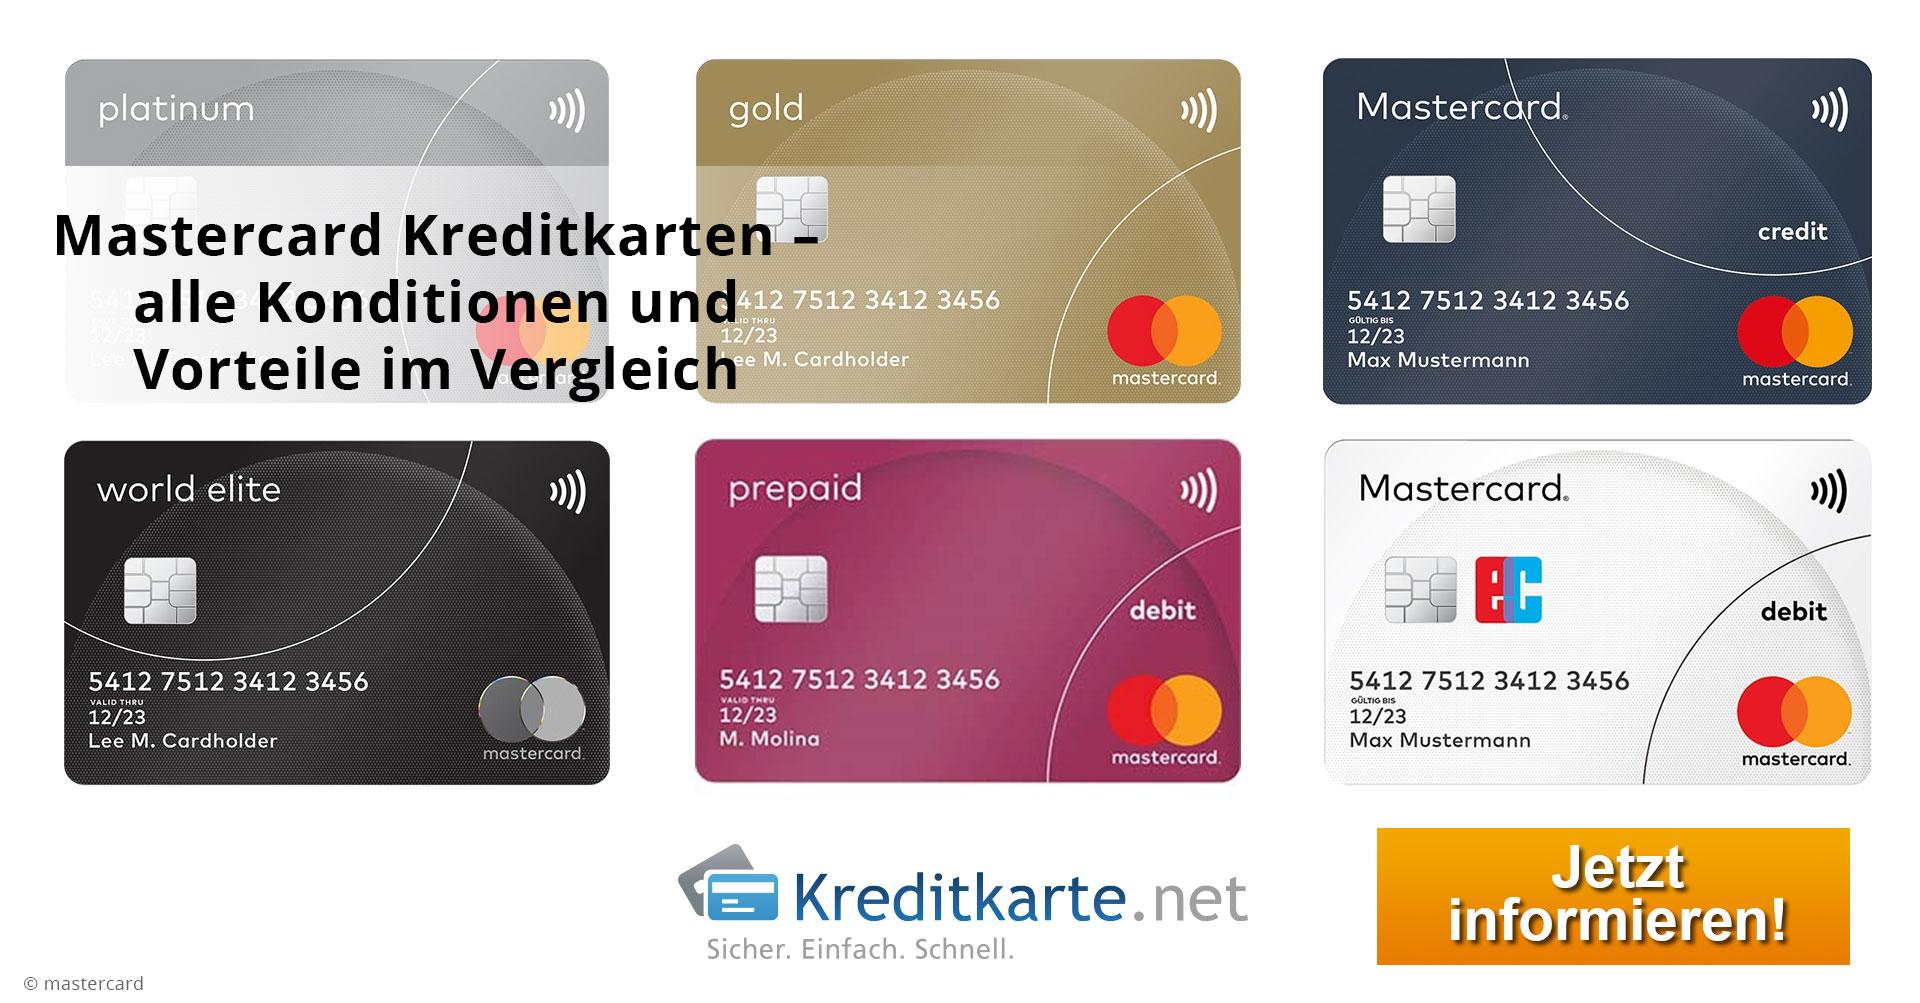 MasterCard-Kreditkarten im Vergleich - die beste MasterCard finden